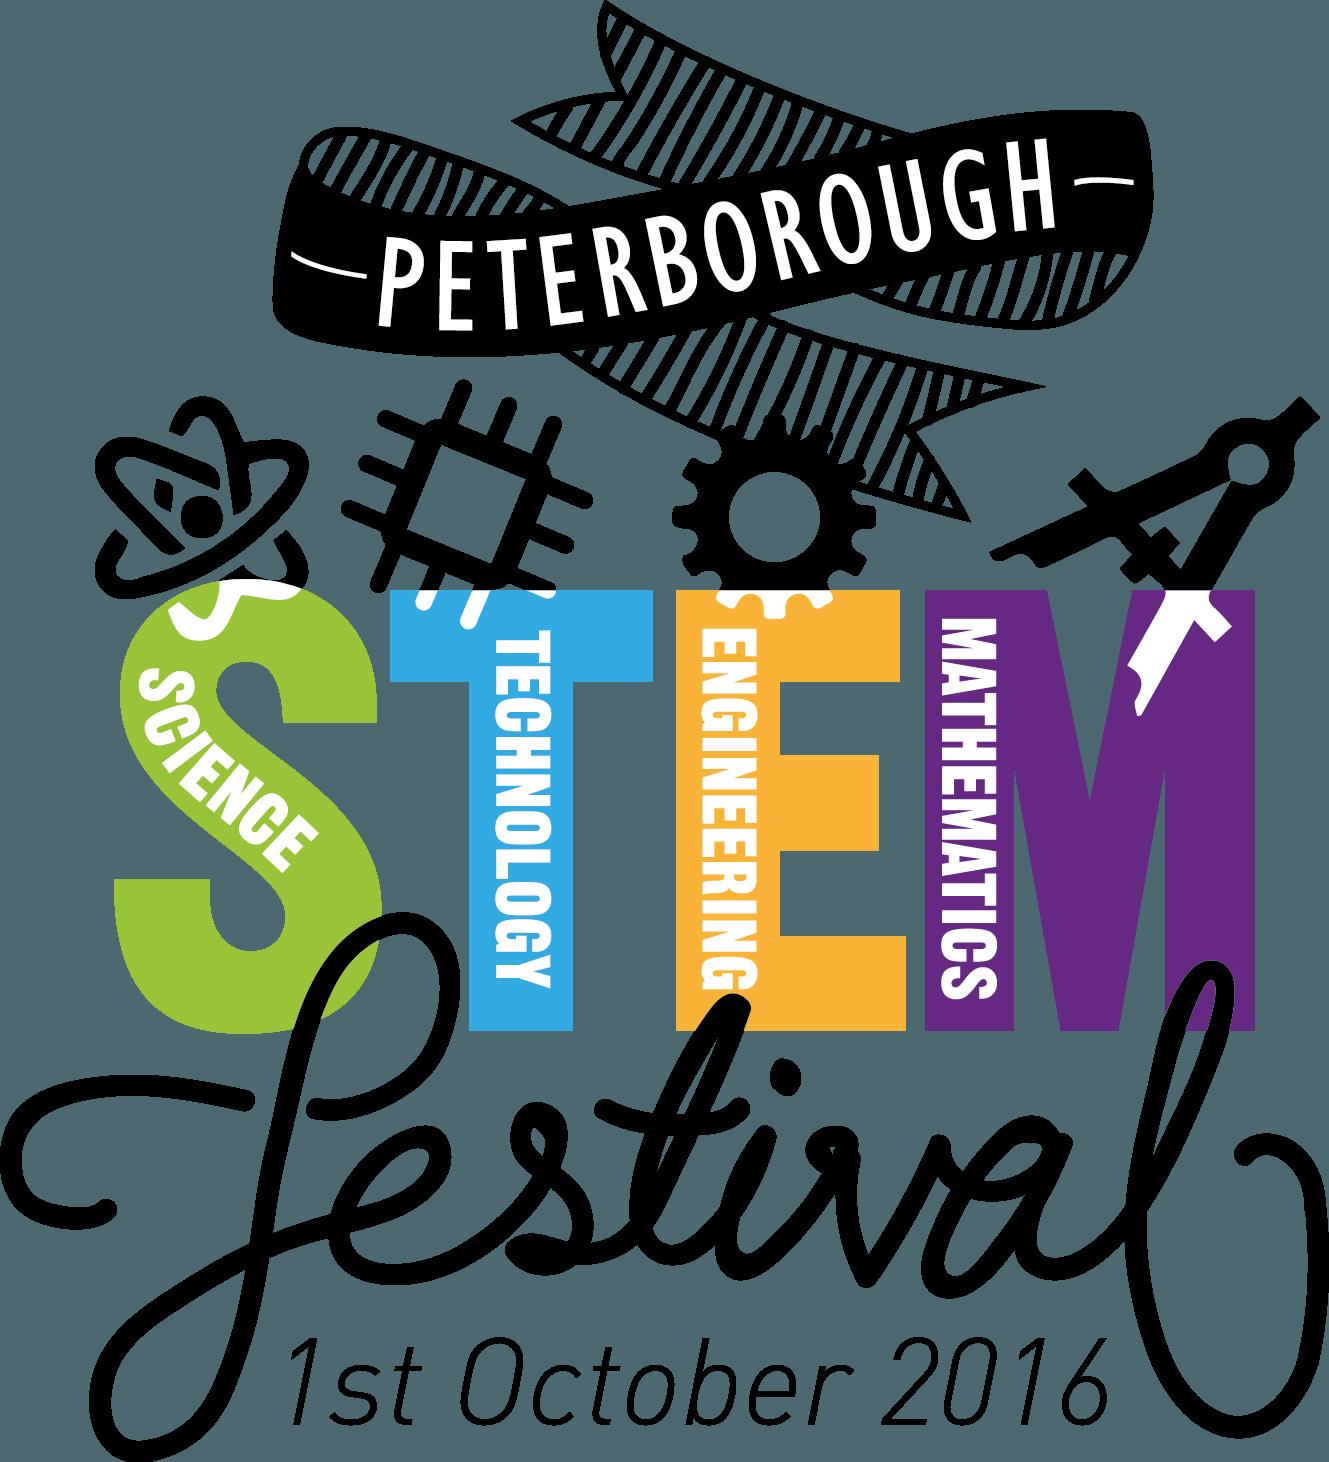 Peterborough STEM Festival 2016